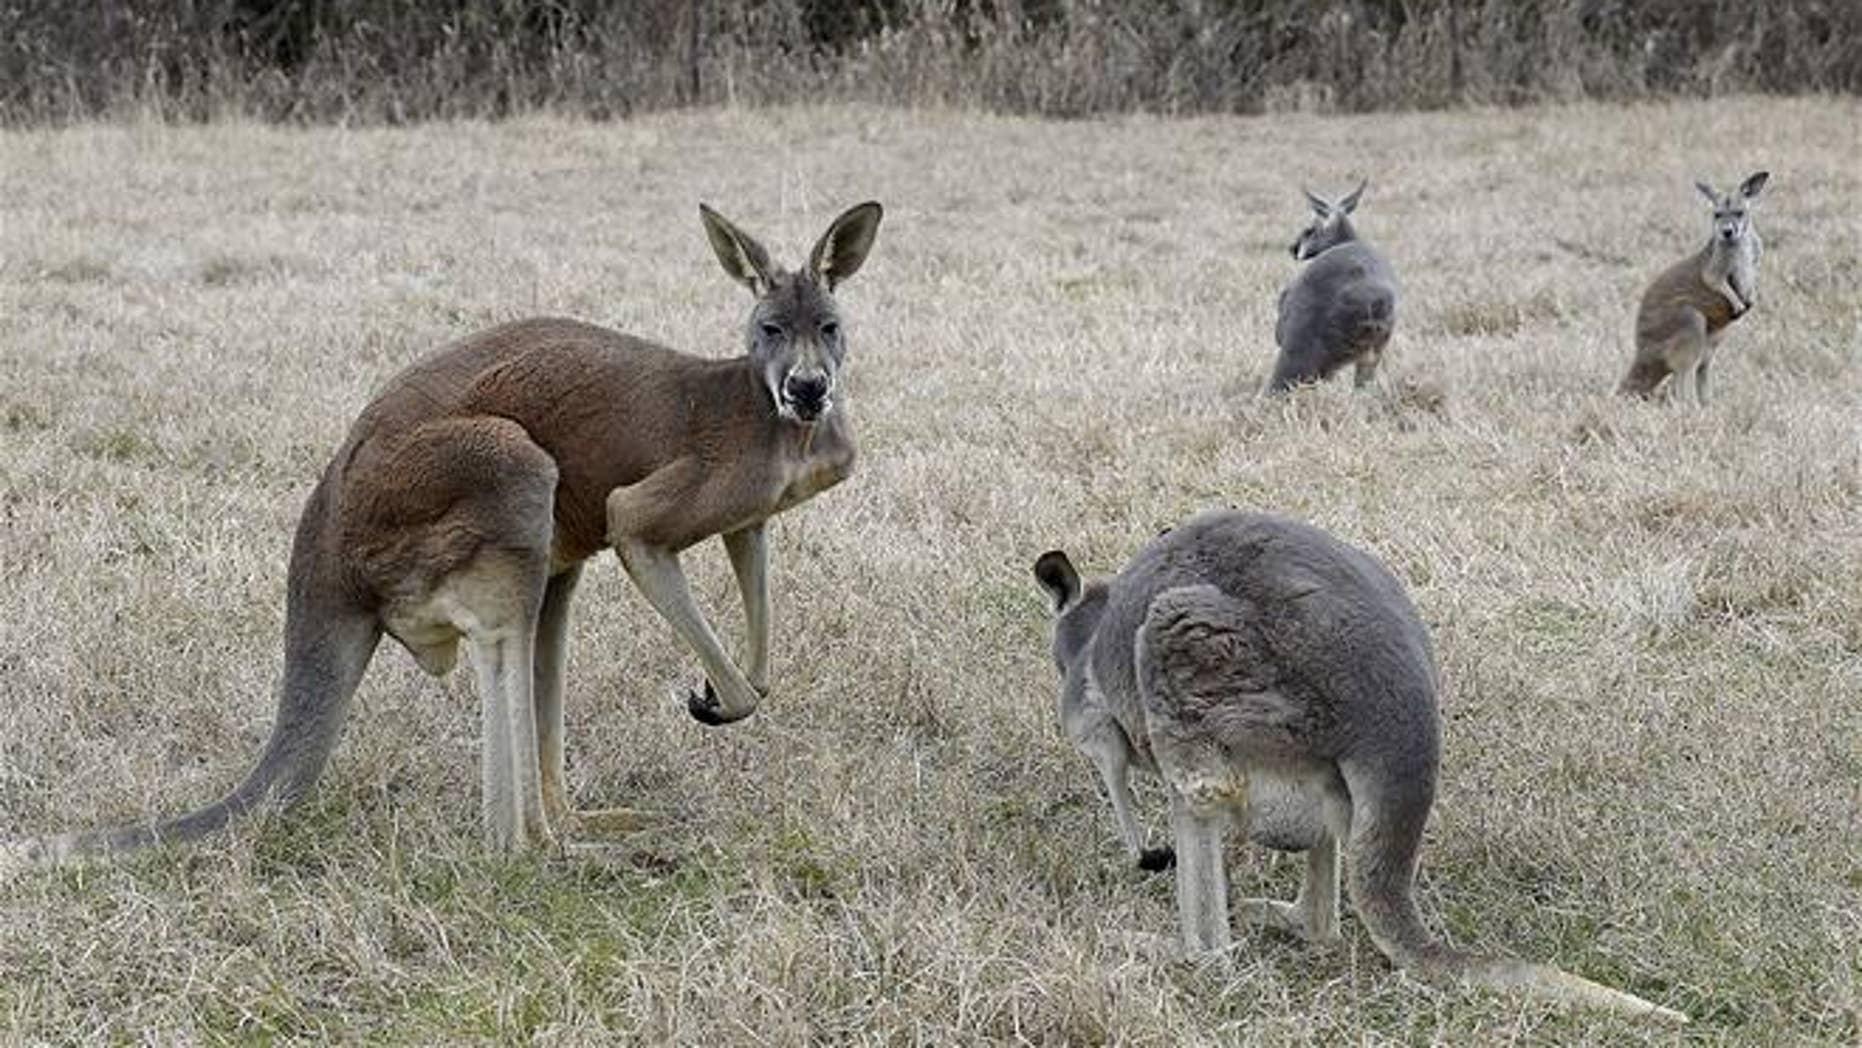 A file photo of kangaroos.